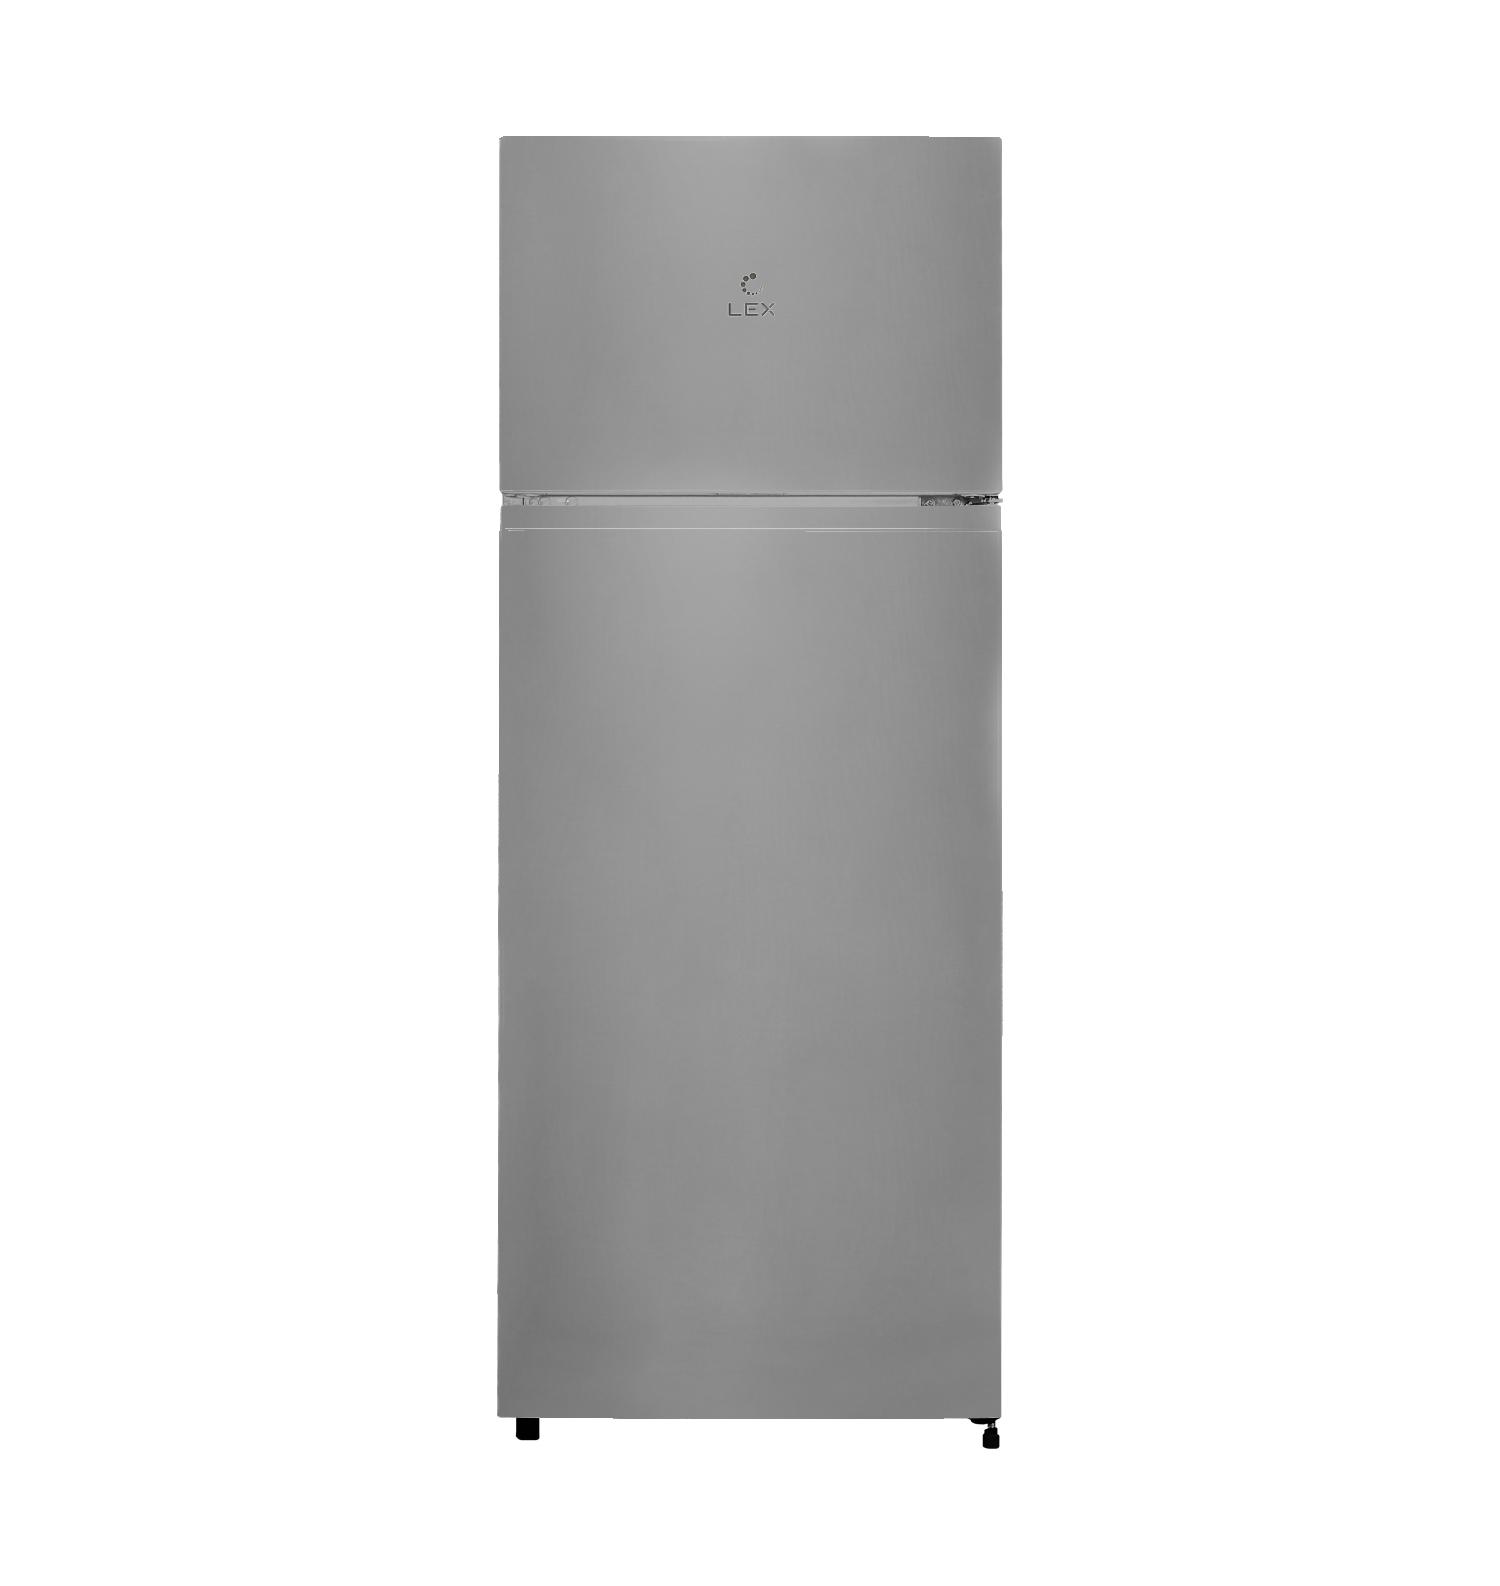 Фото - LEX RFS 201 DF IX холодильник lex rfs 202 df ix